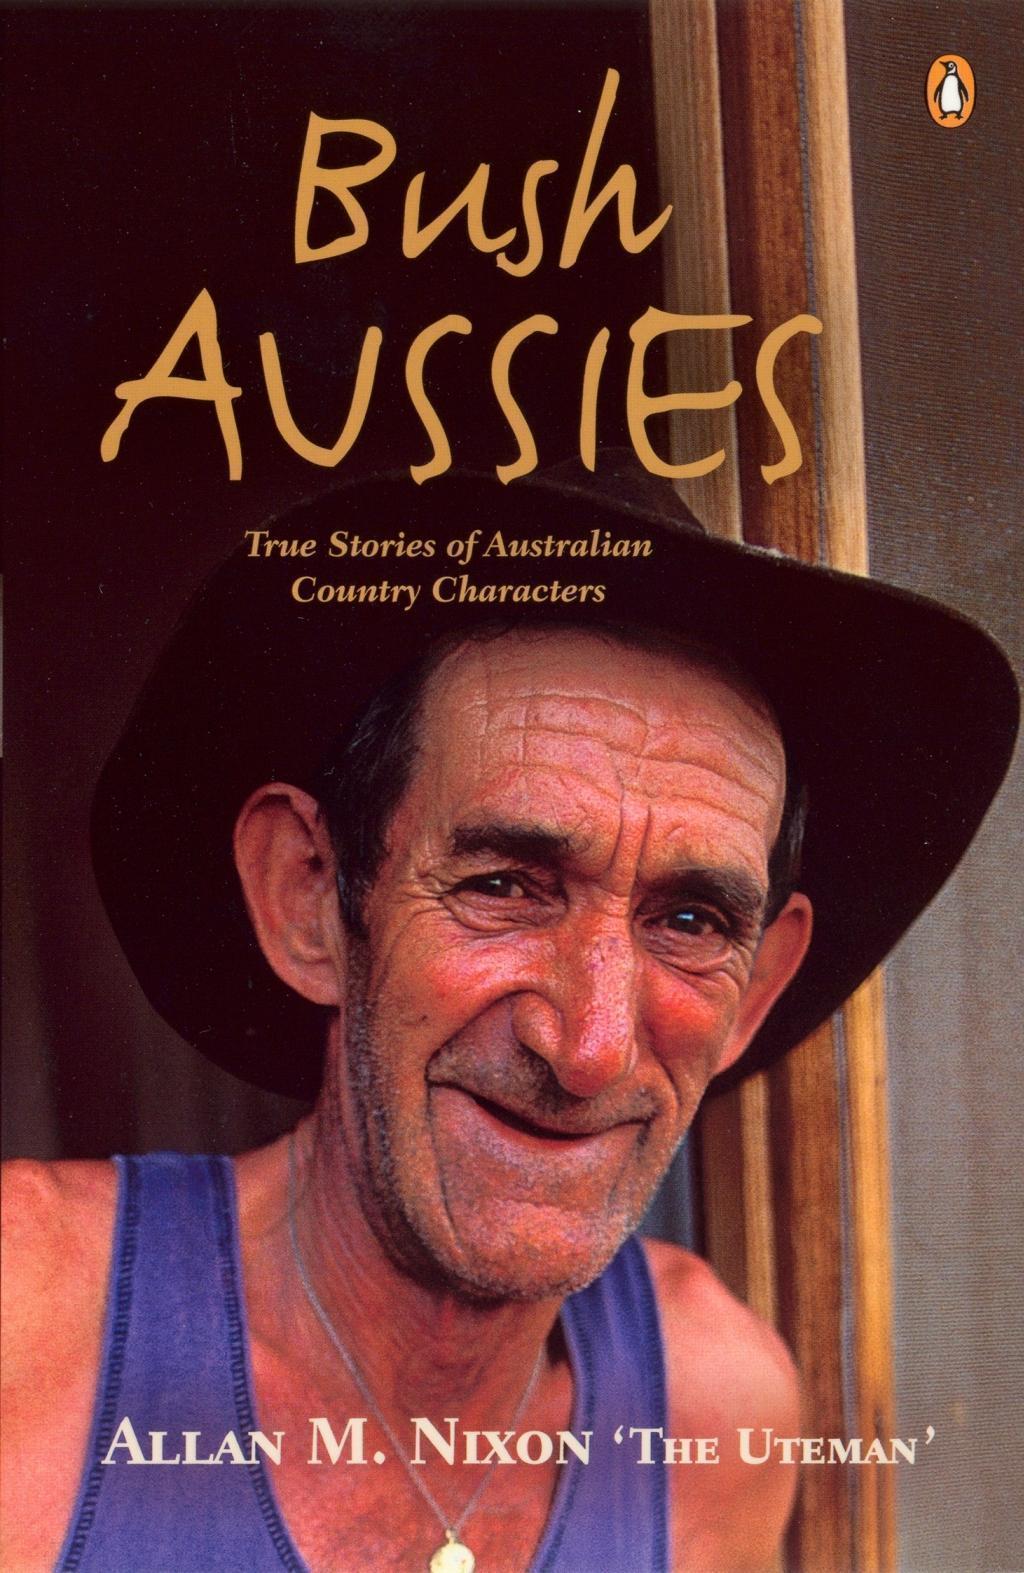 Bush Aussies